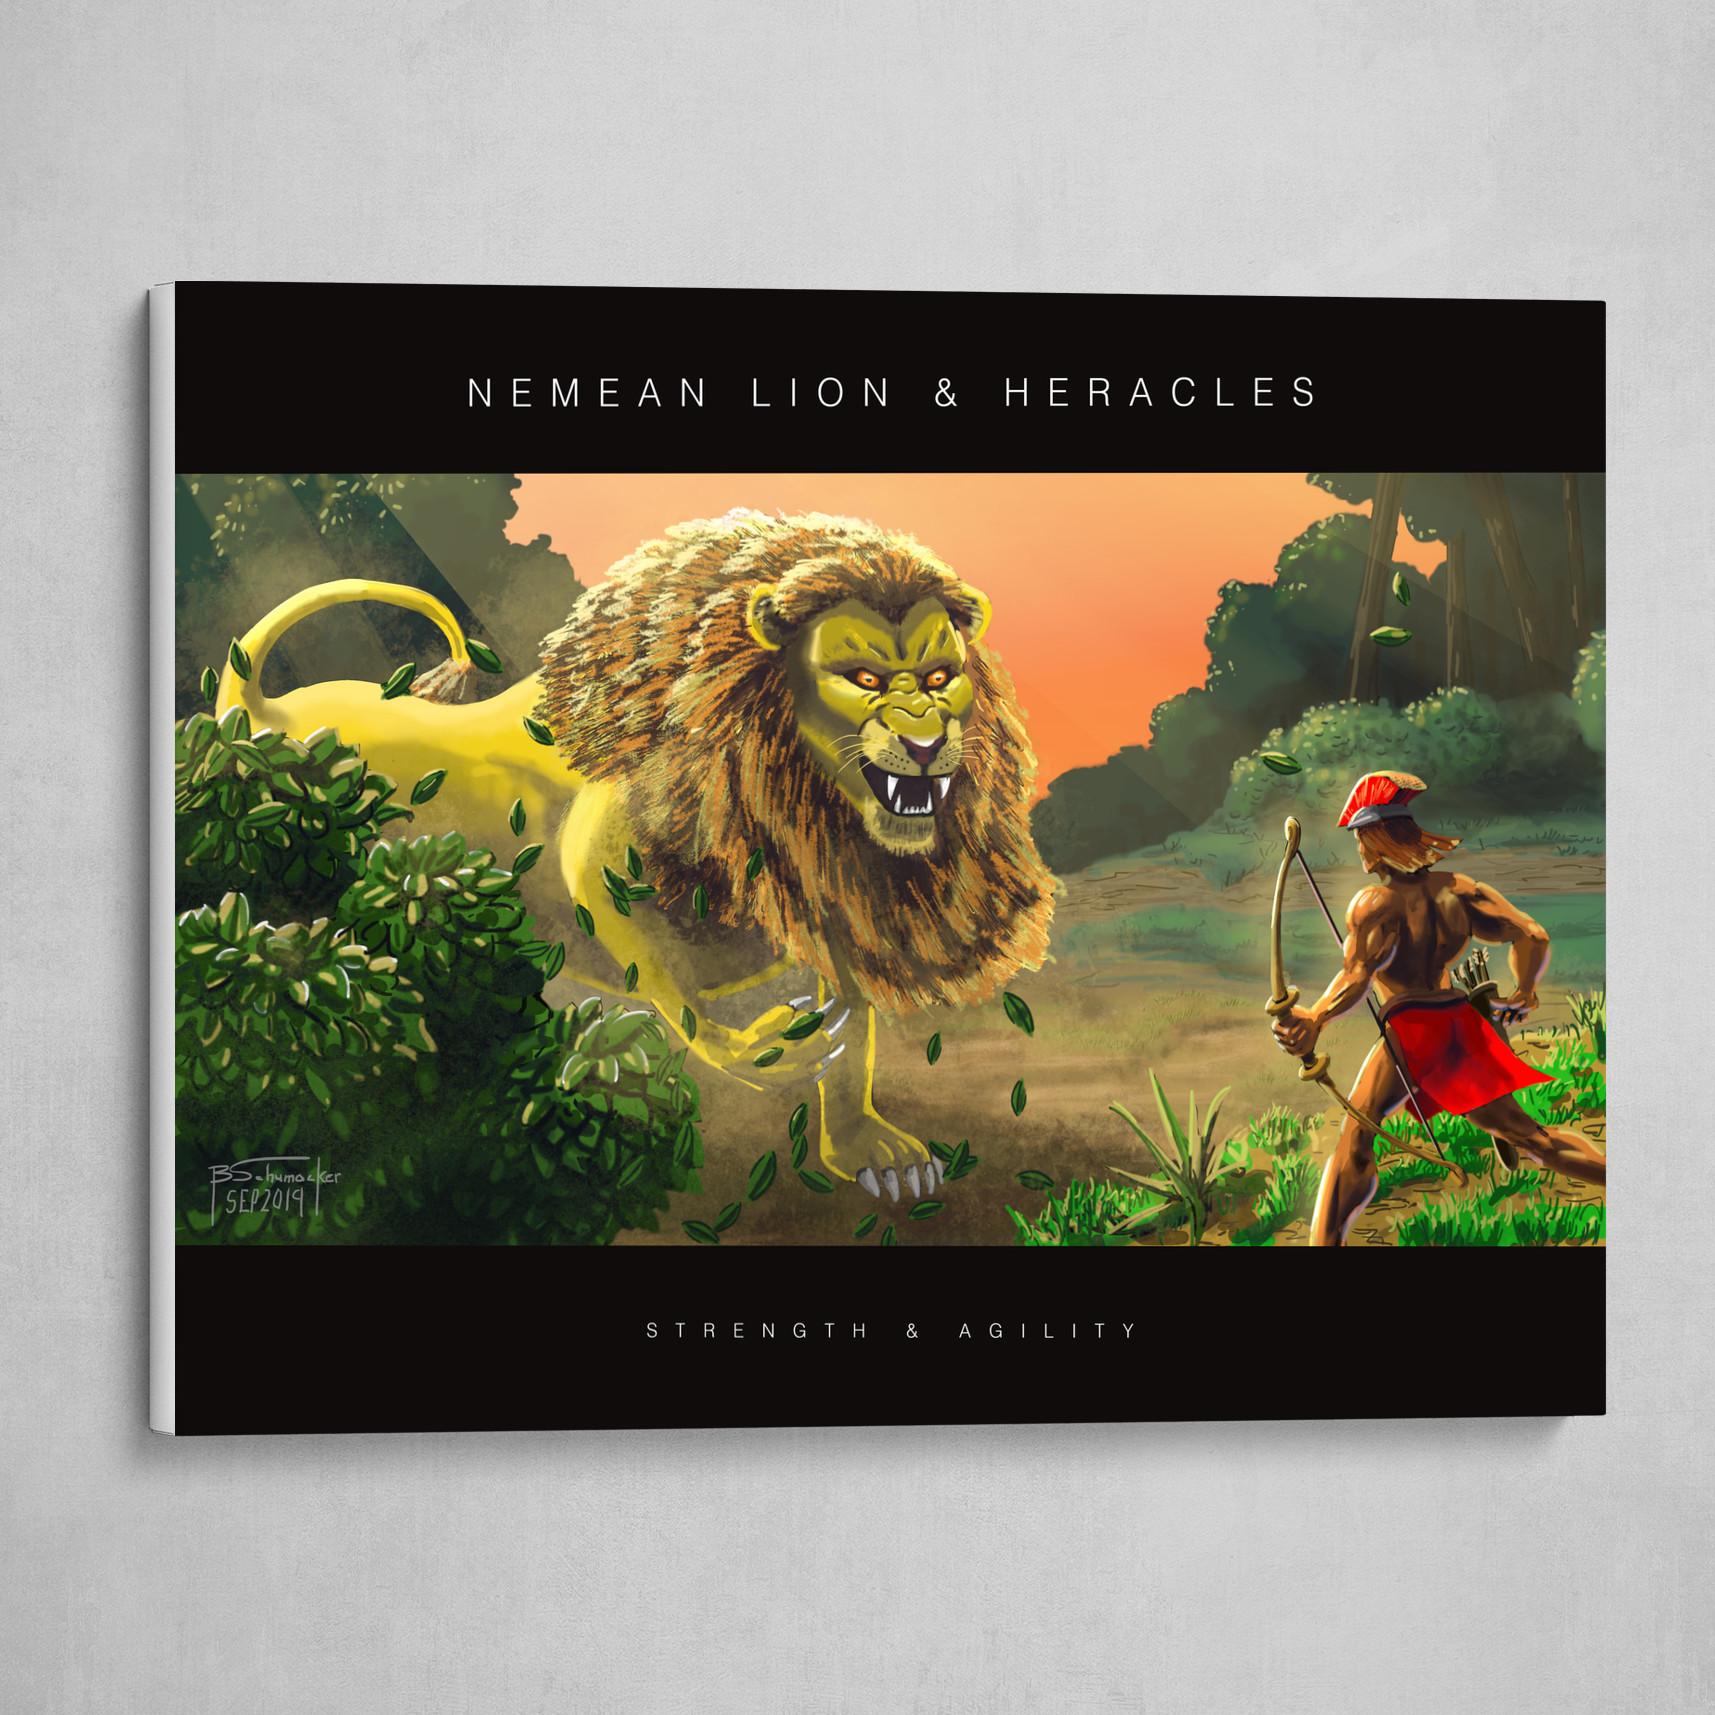 Nemean Lion & Heracles